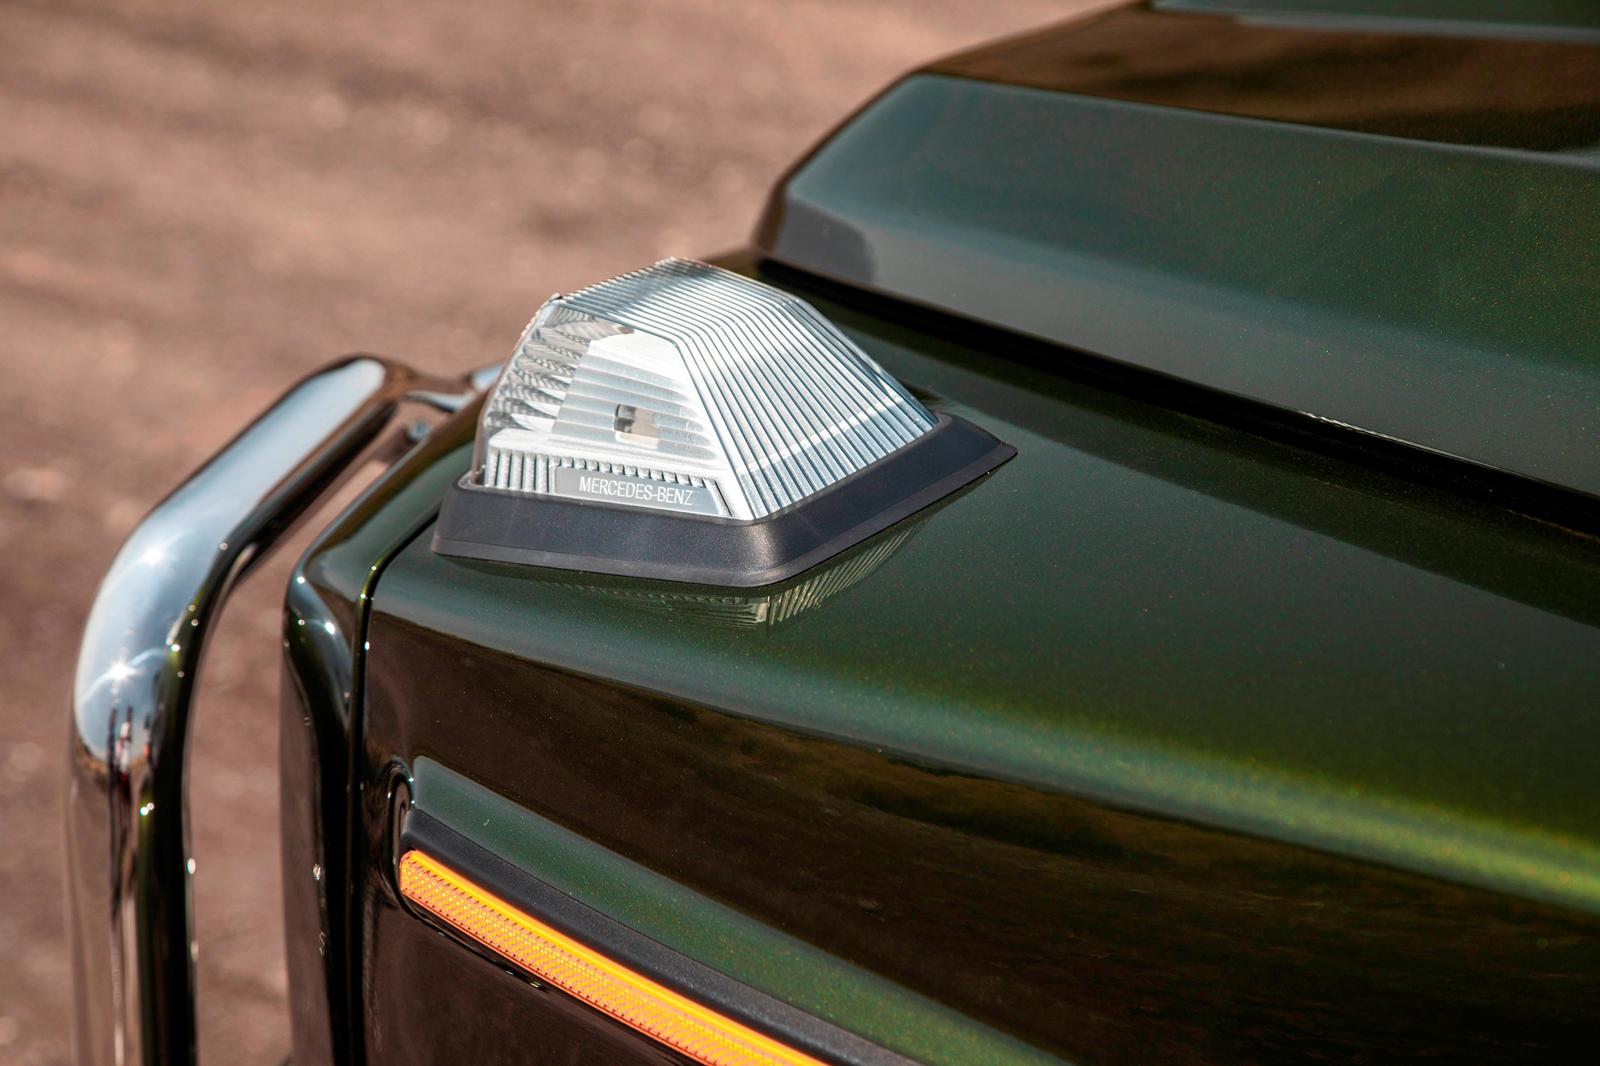 Mercedes G-Class Indicator